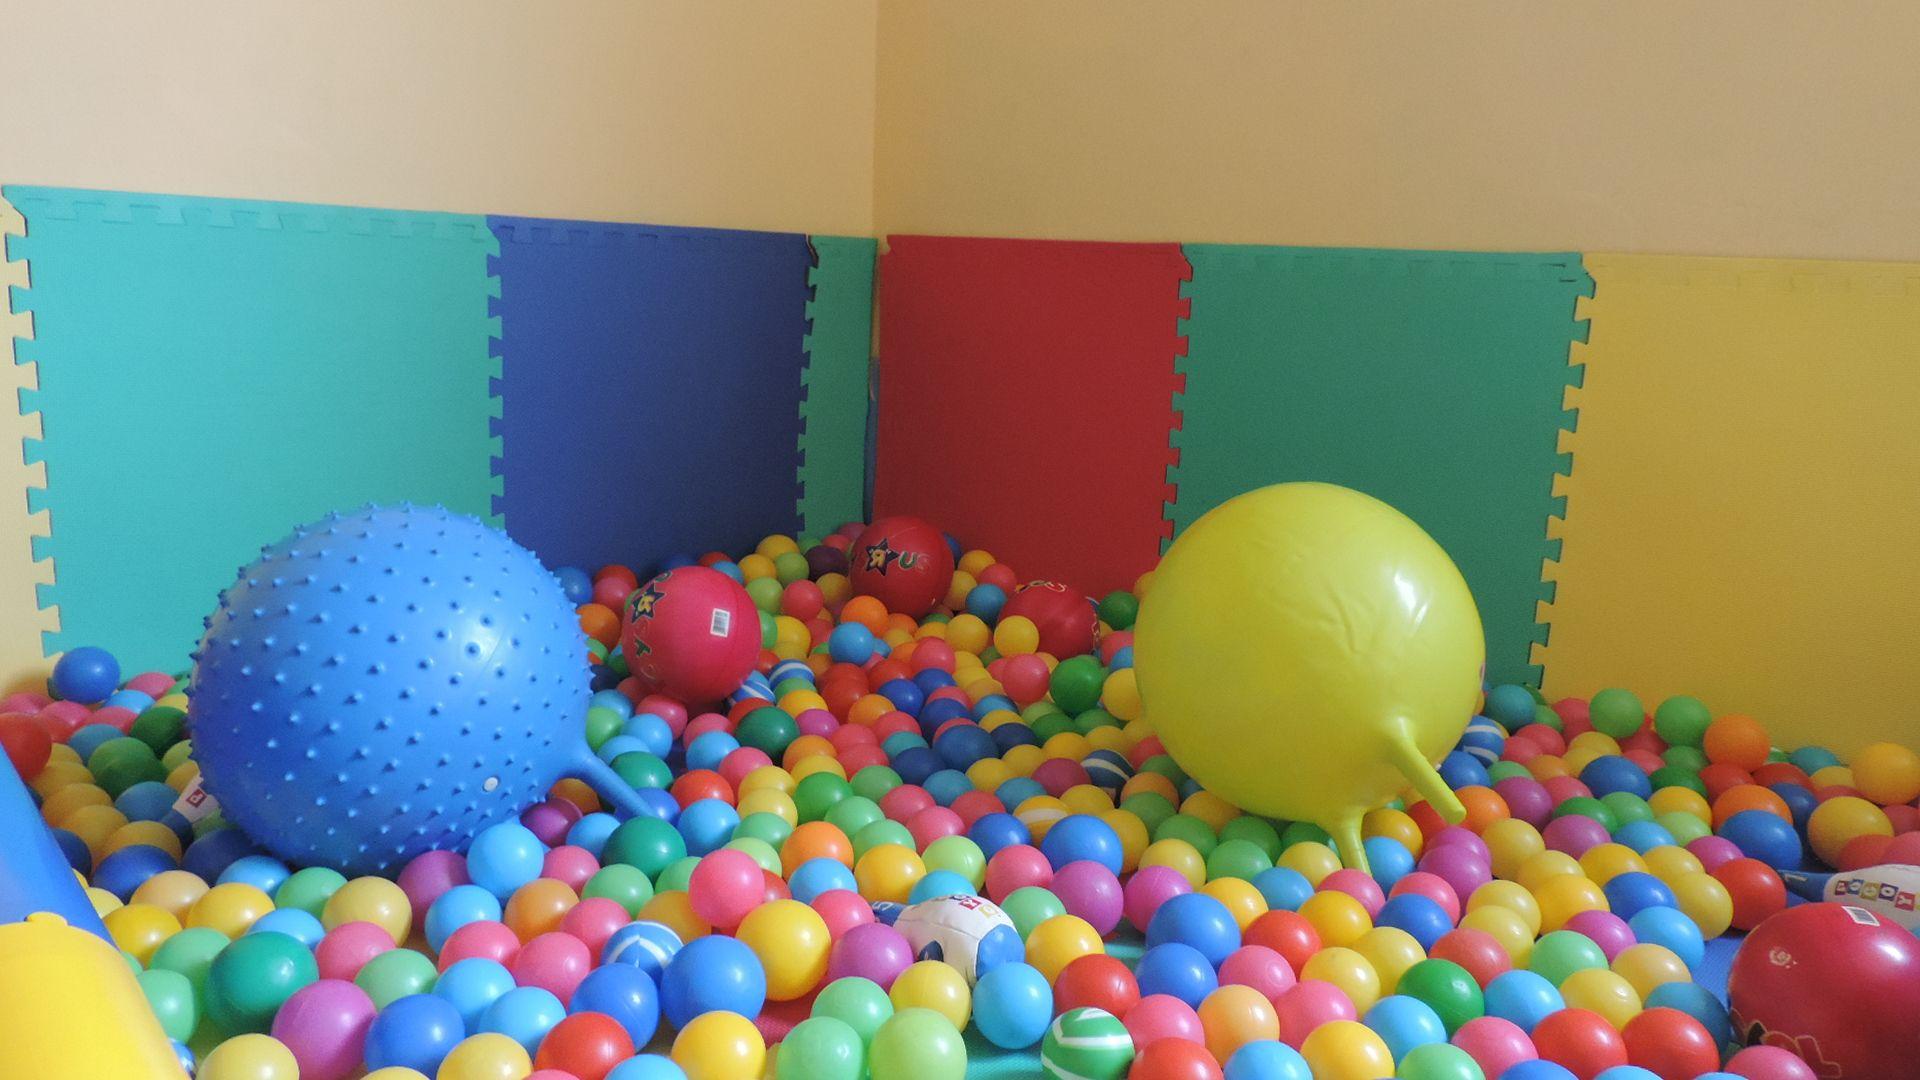 Piscina de bolas. Aula de psicomotricidad